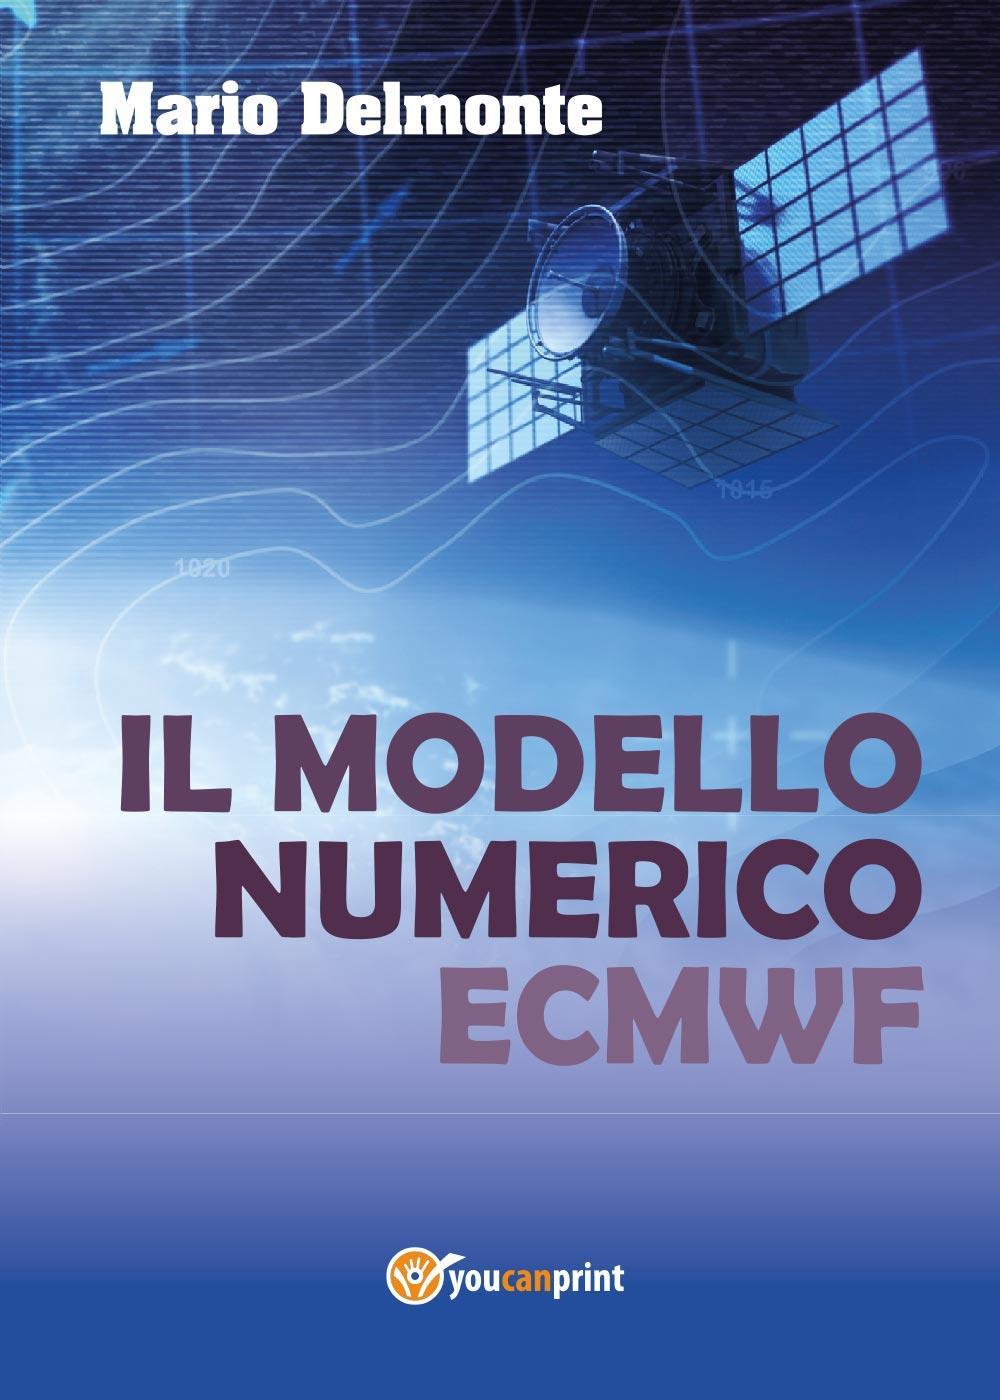 Il modello numerico ECMWF